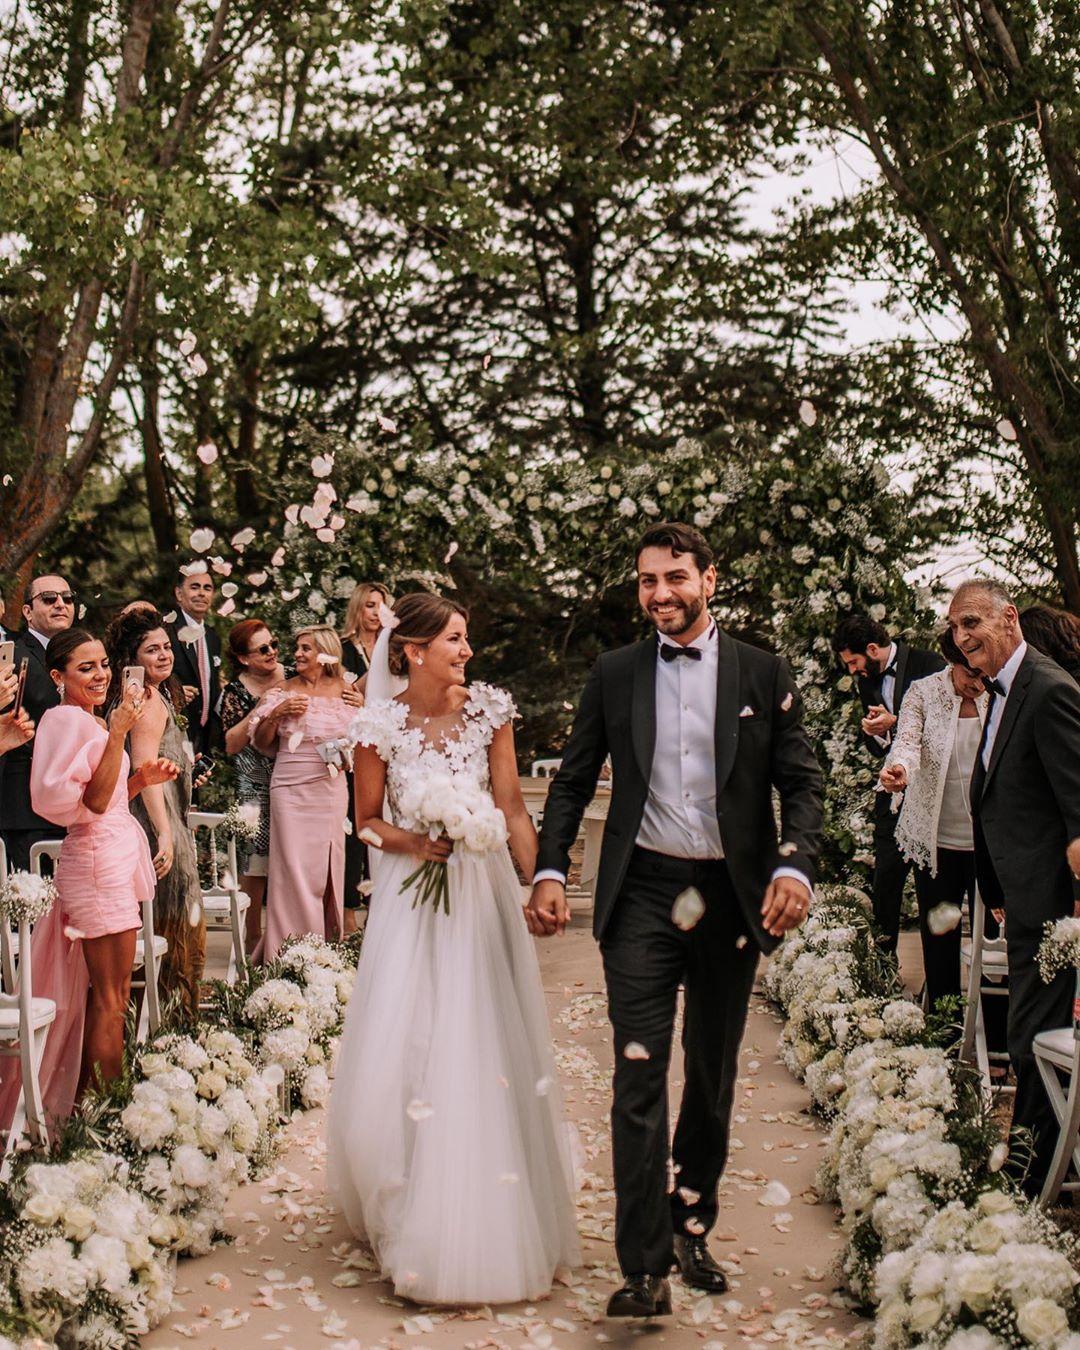 5 fashion λάθη που πρέπει να αποφύγεις στους γάμους του καλοκαιριού Έξυπνα tips που αξίζει να έχεις στο μυαλό σου όταν αναζητάς πυρετωδώς το καλύτερο σύνολο για την περίσταση.